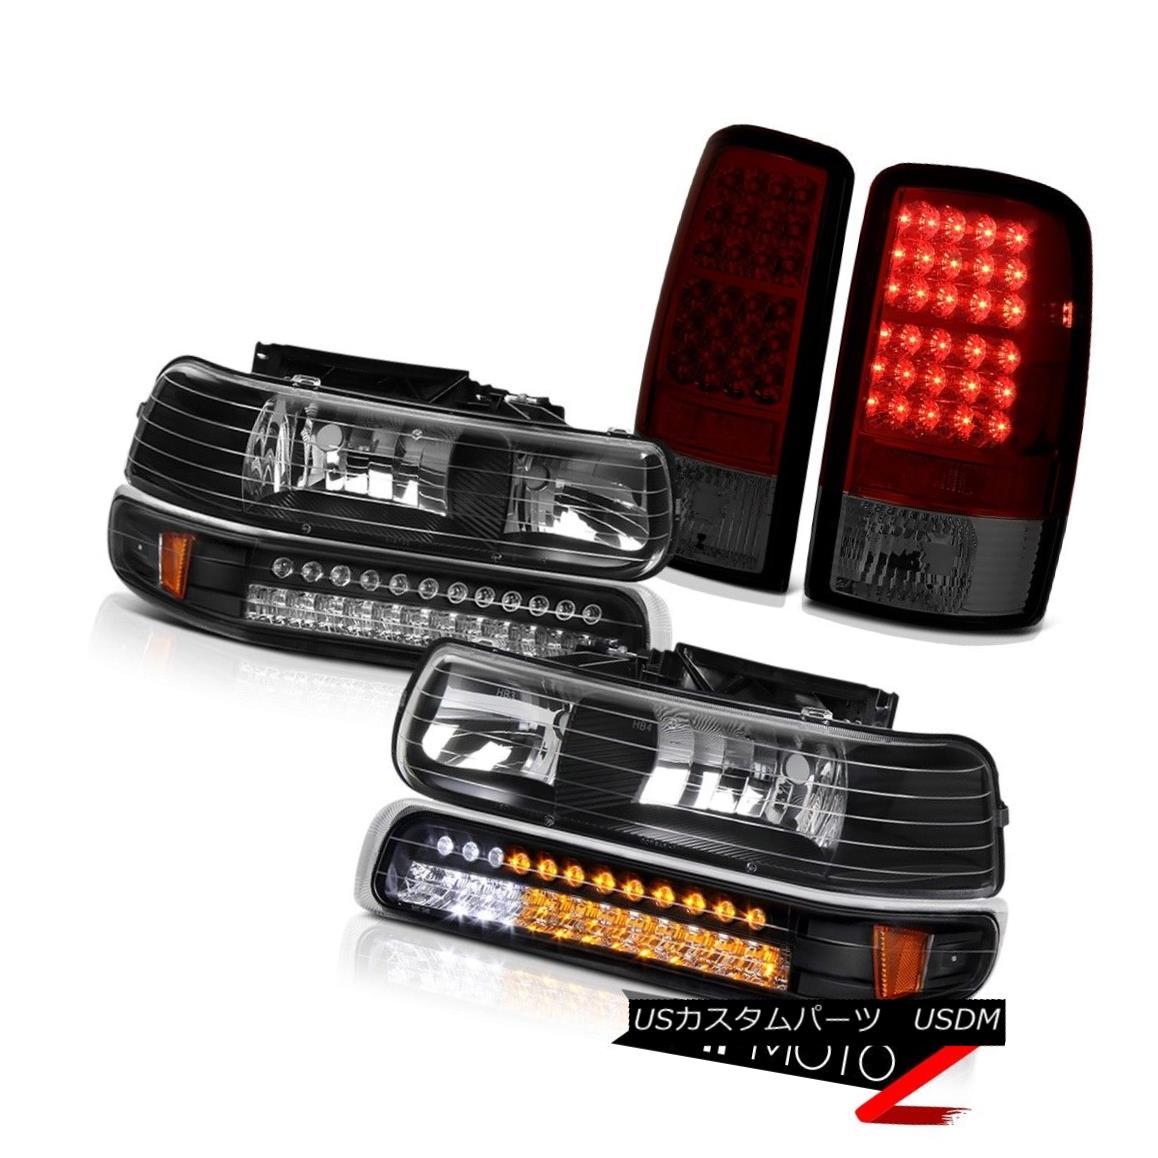 ヘッドライト 2000-2006 Tahoe LT Black SMD Signal Bumper Headlights+Smokey Red LED Tail Lights 2000-2006 Tahoe LT Black SMDシグナルバンパーヘッドライト+ Smo キー赤色LEDテールライト